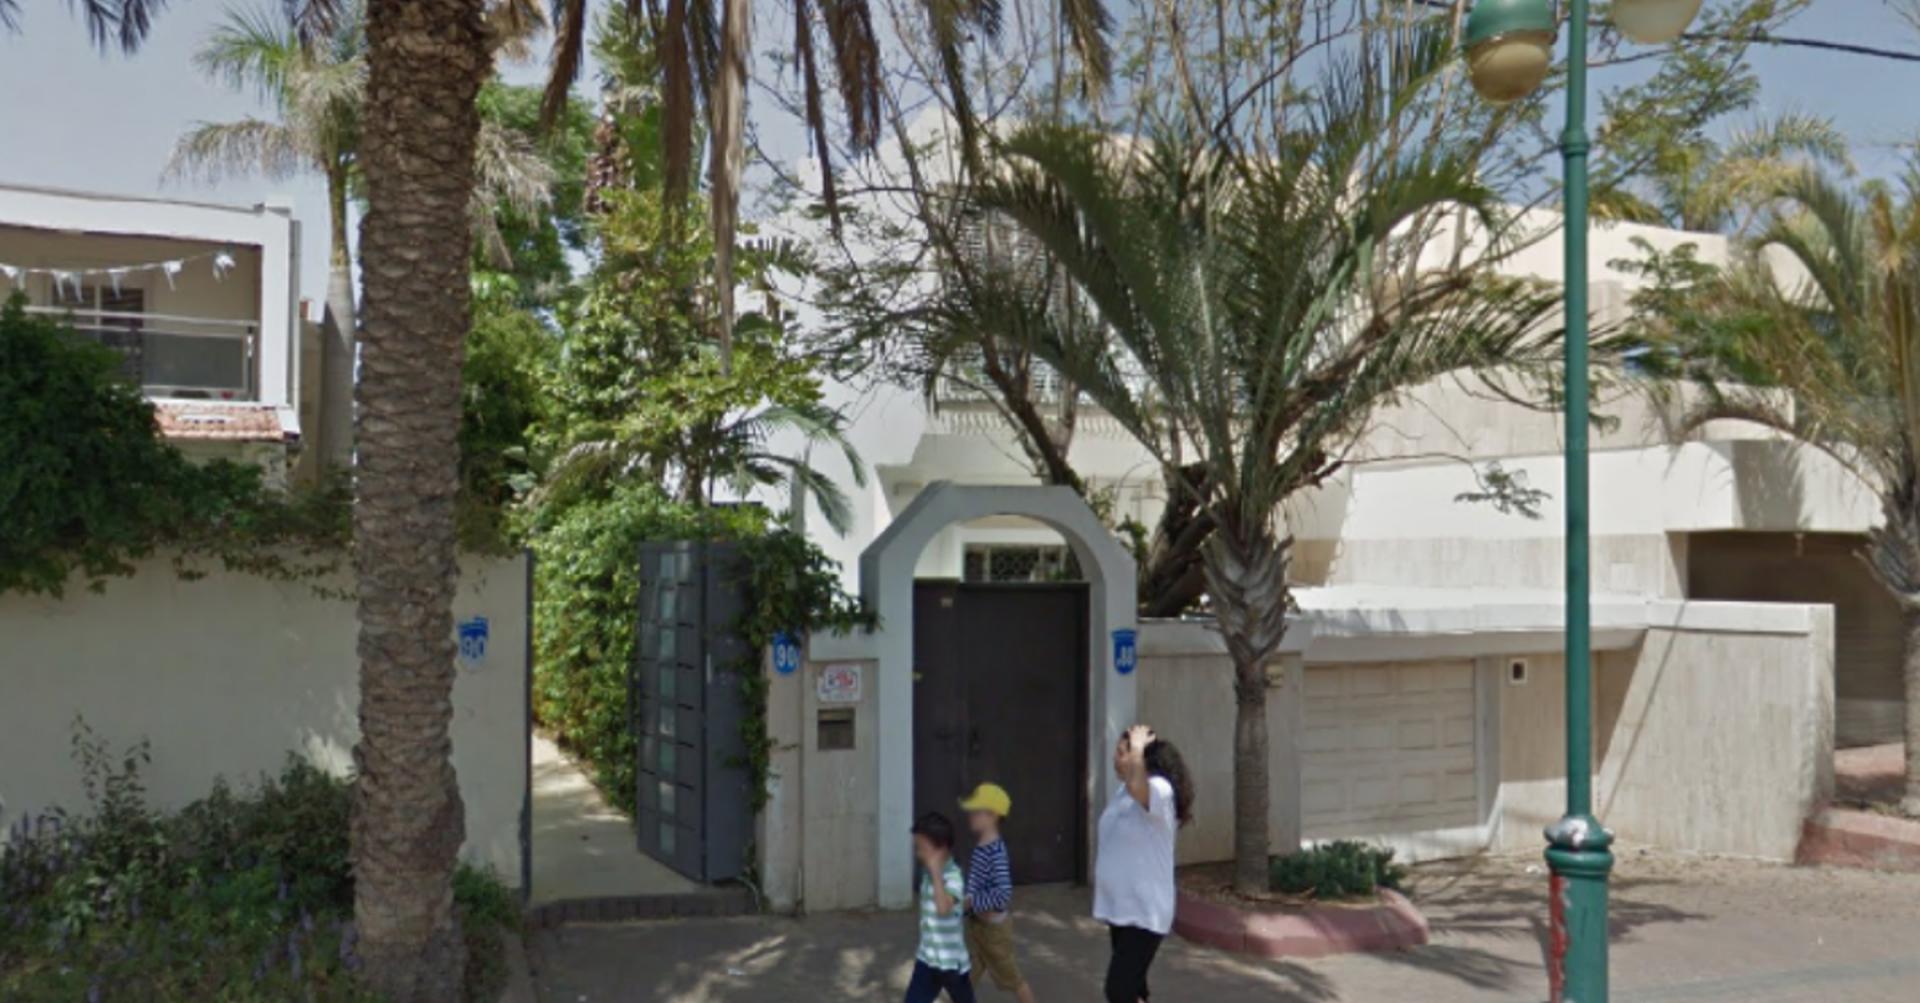 בית הכנסת בוינגייט 90. צילום: google earth